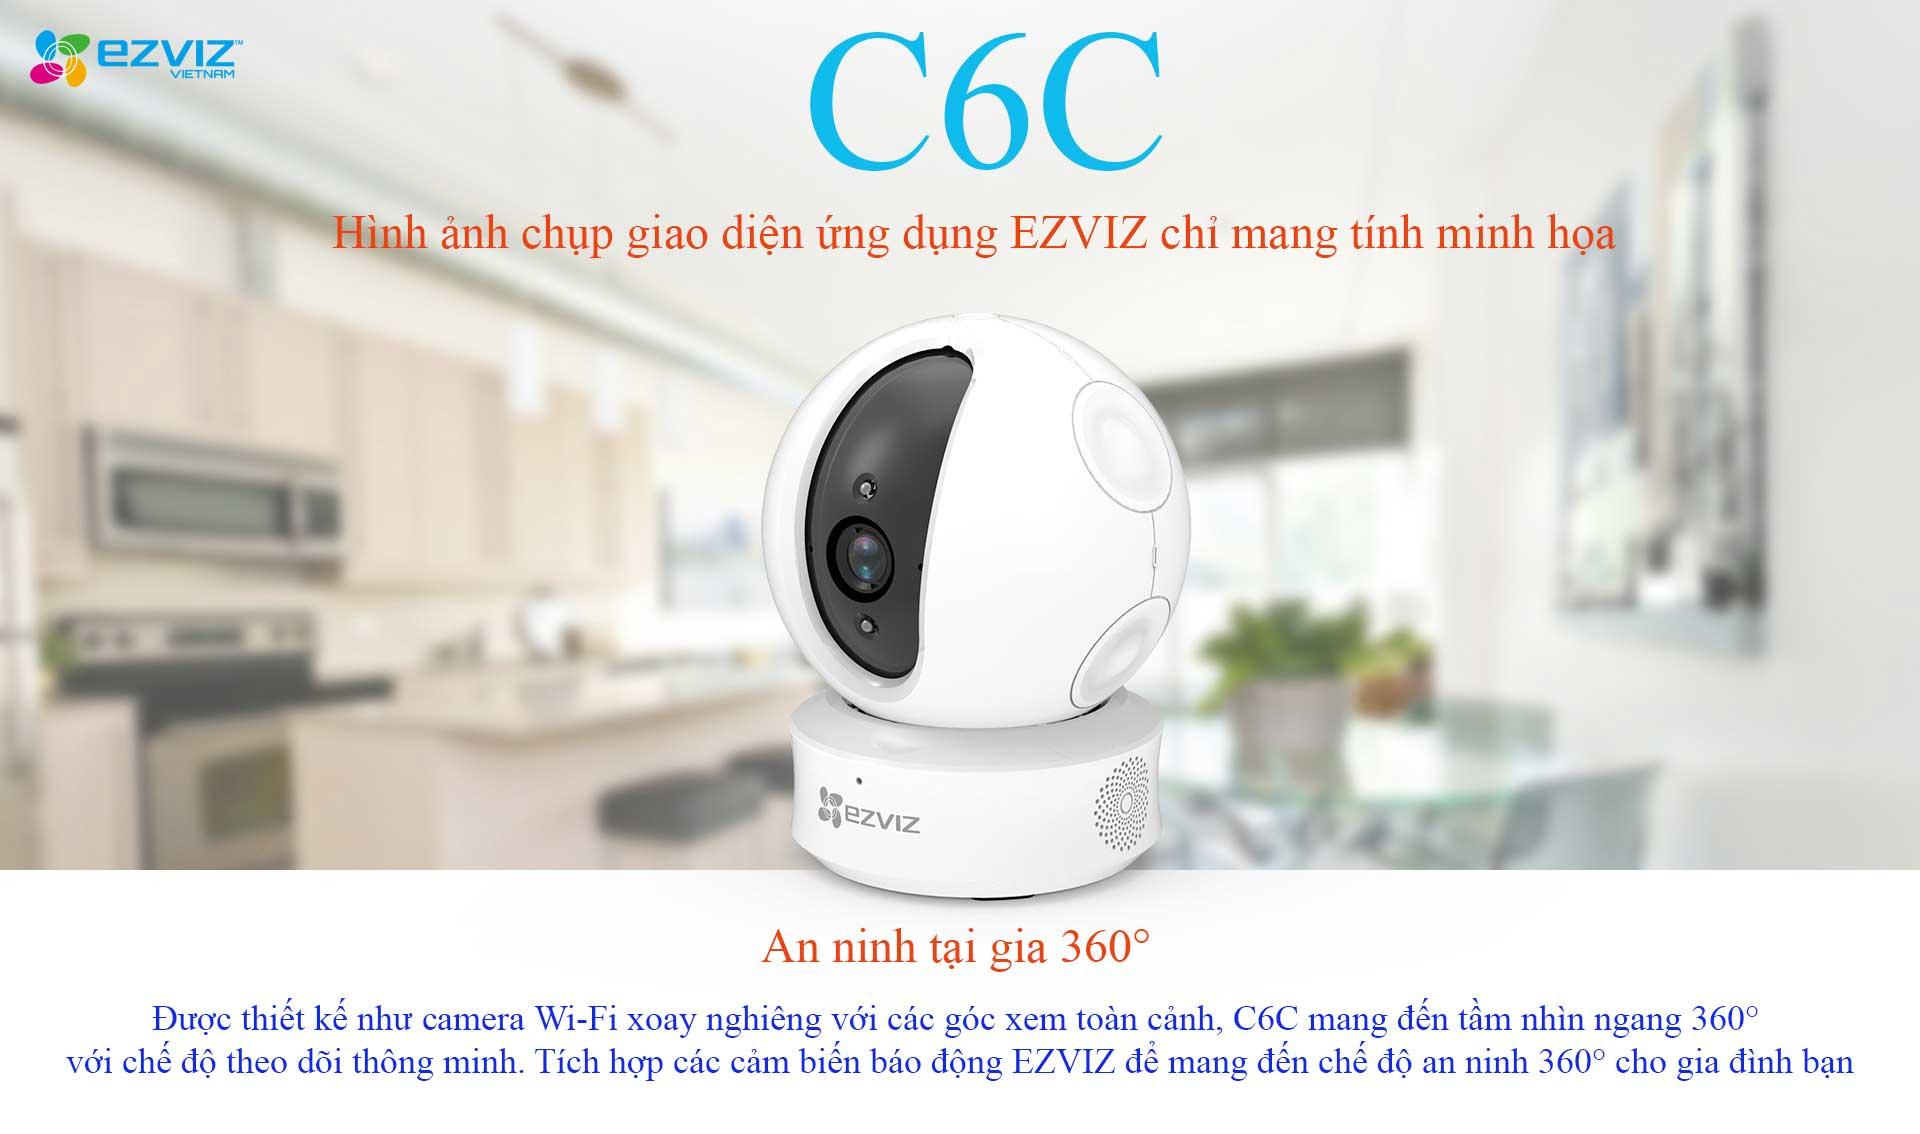 Camera Ezviz cs cv246 C6C